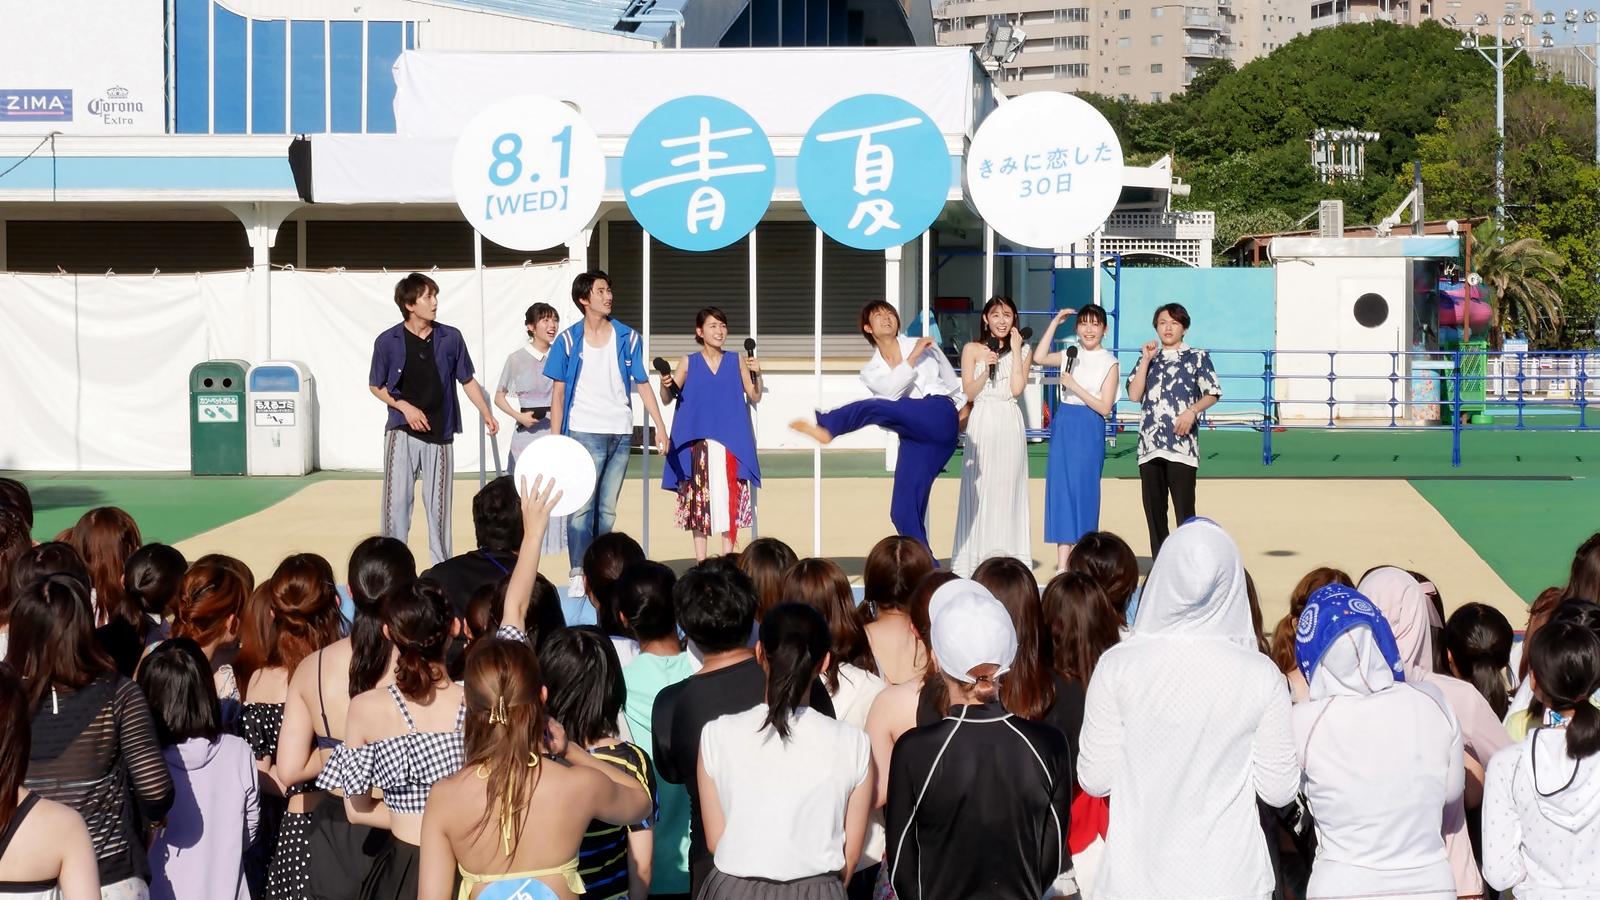 【写真】映画『青夏 きみに恋した30日』完成披露イベント